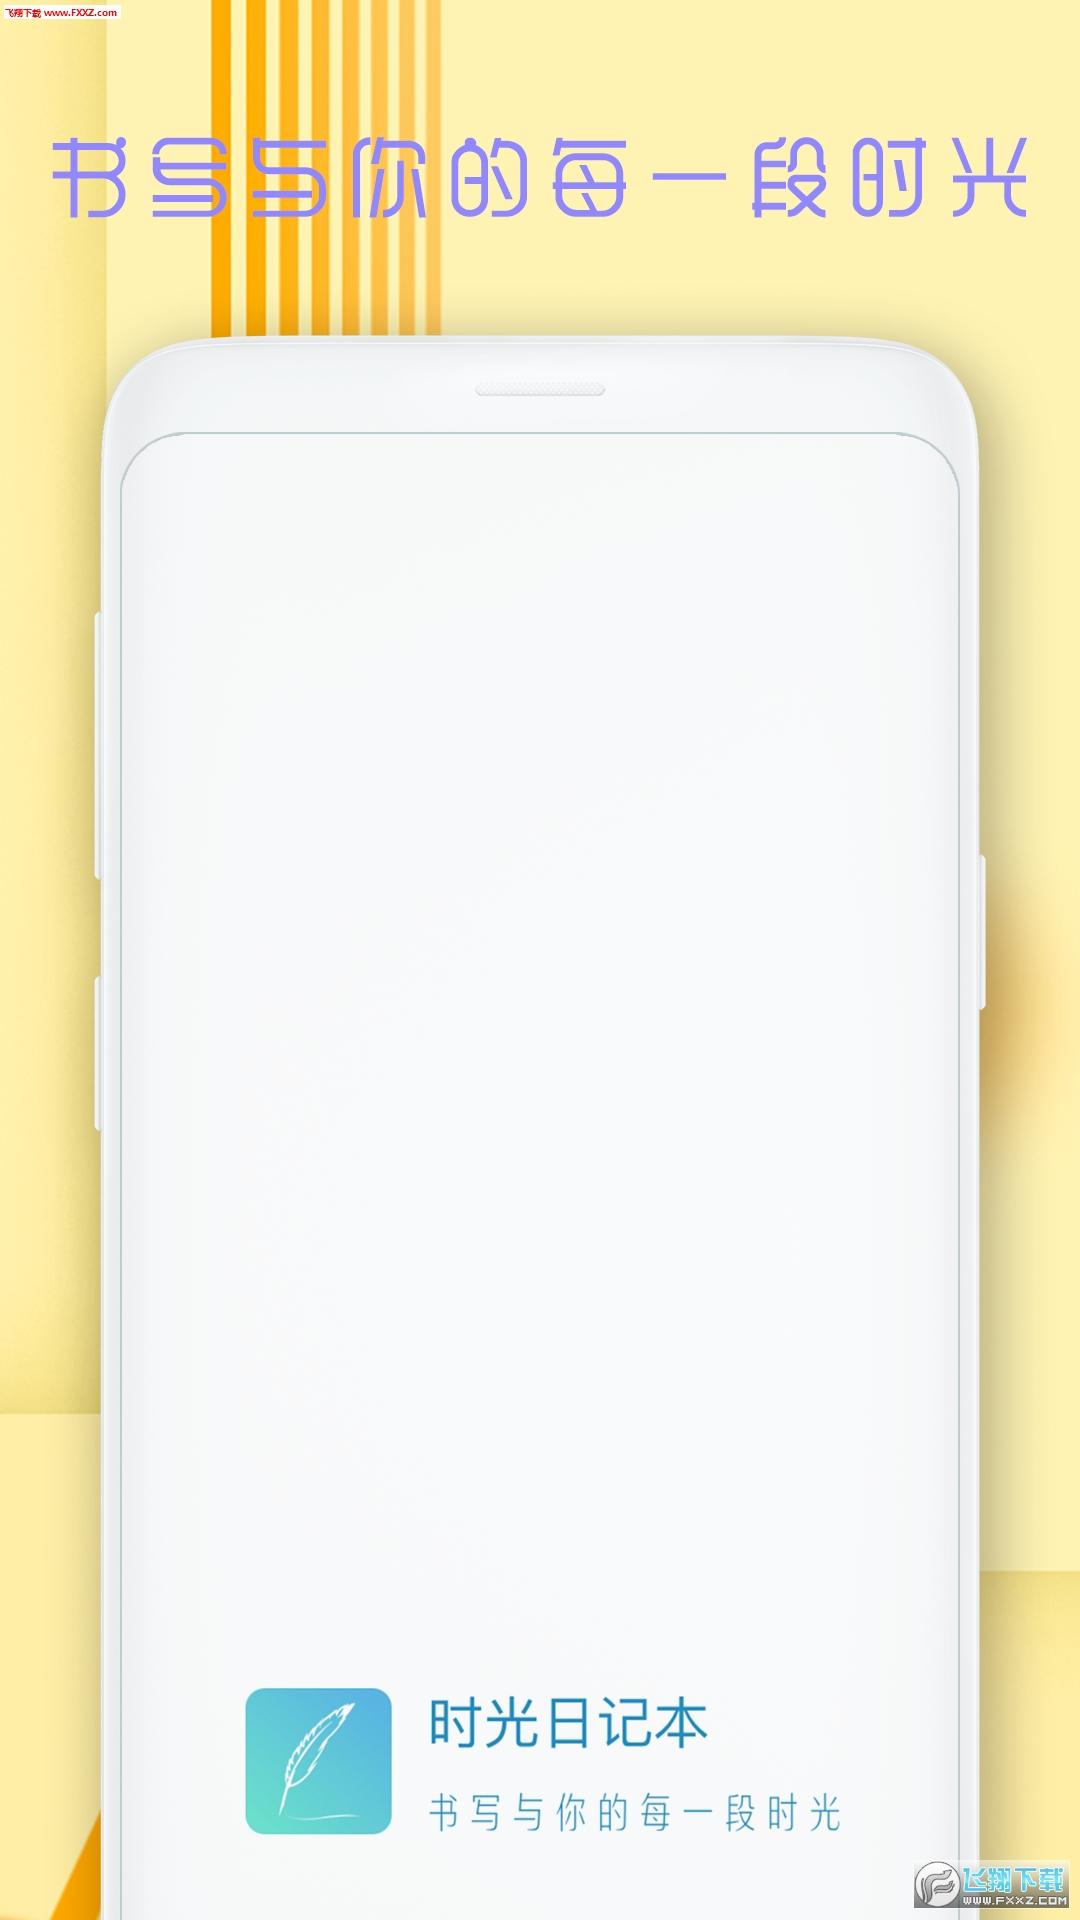 时光日记本app1.0.1截图3